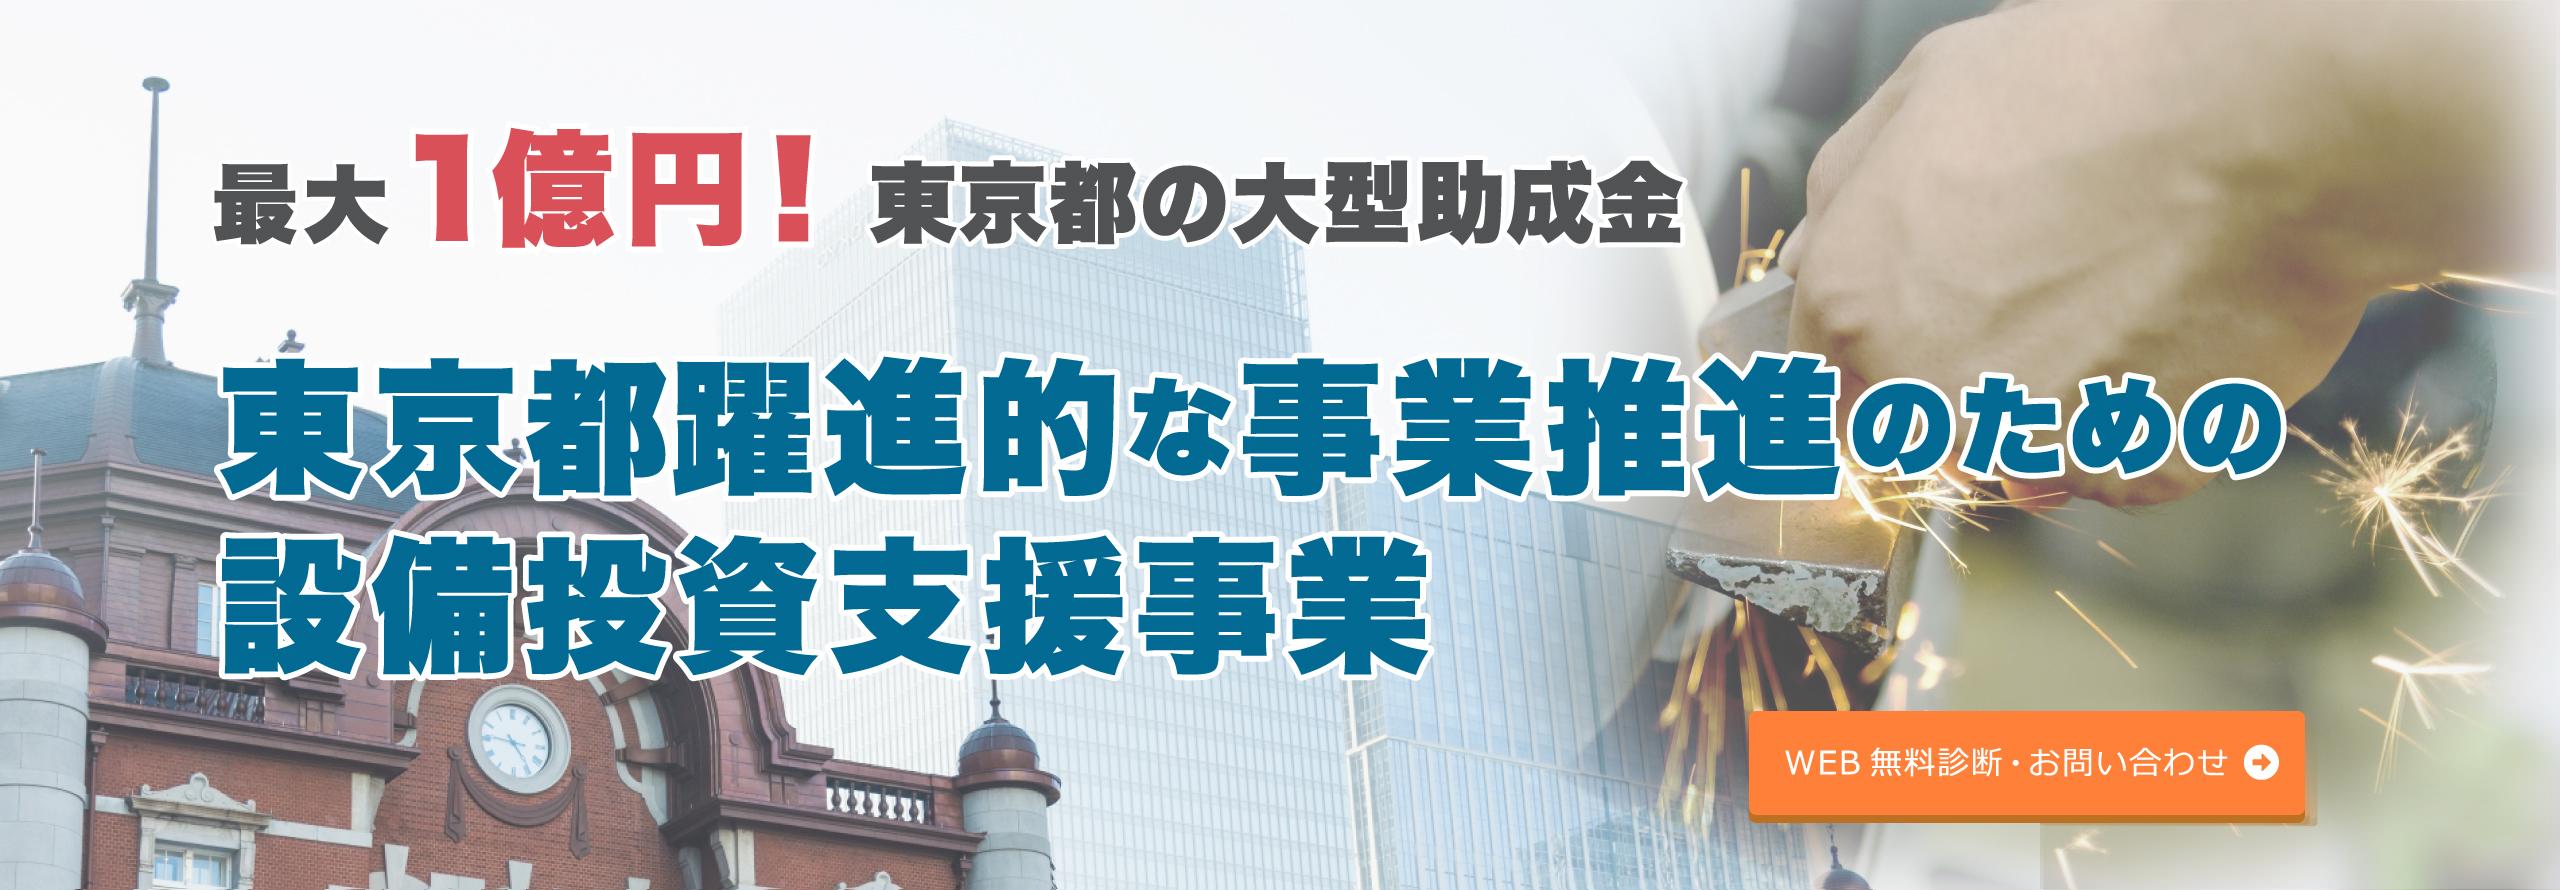 最大1億円!東京都の大型補助金東京都革新的事業展開設備投資支援事業